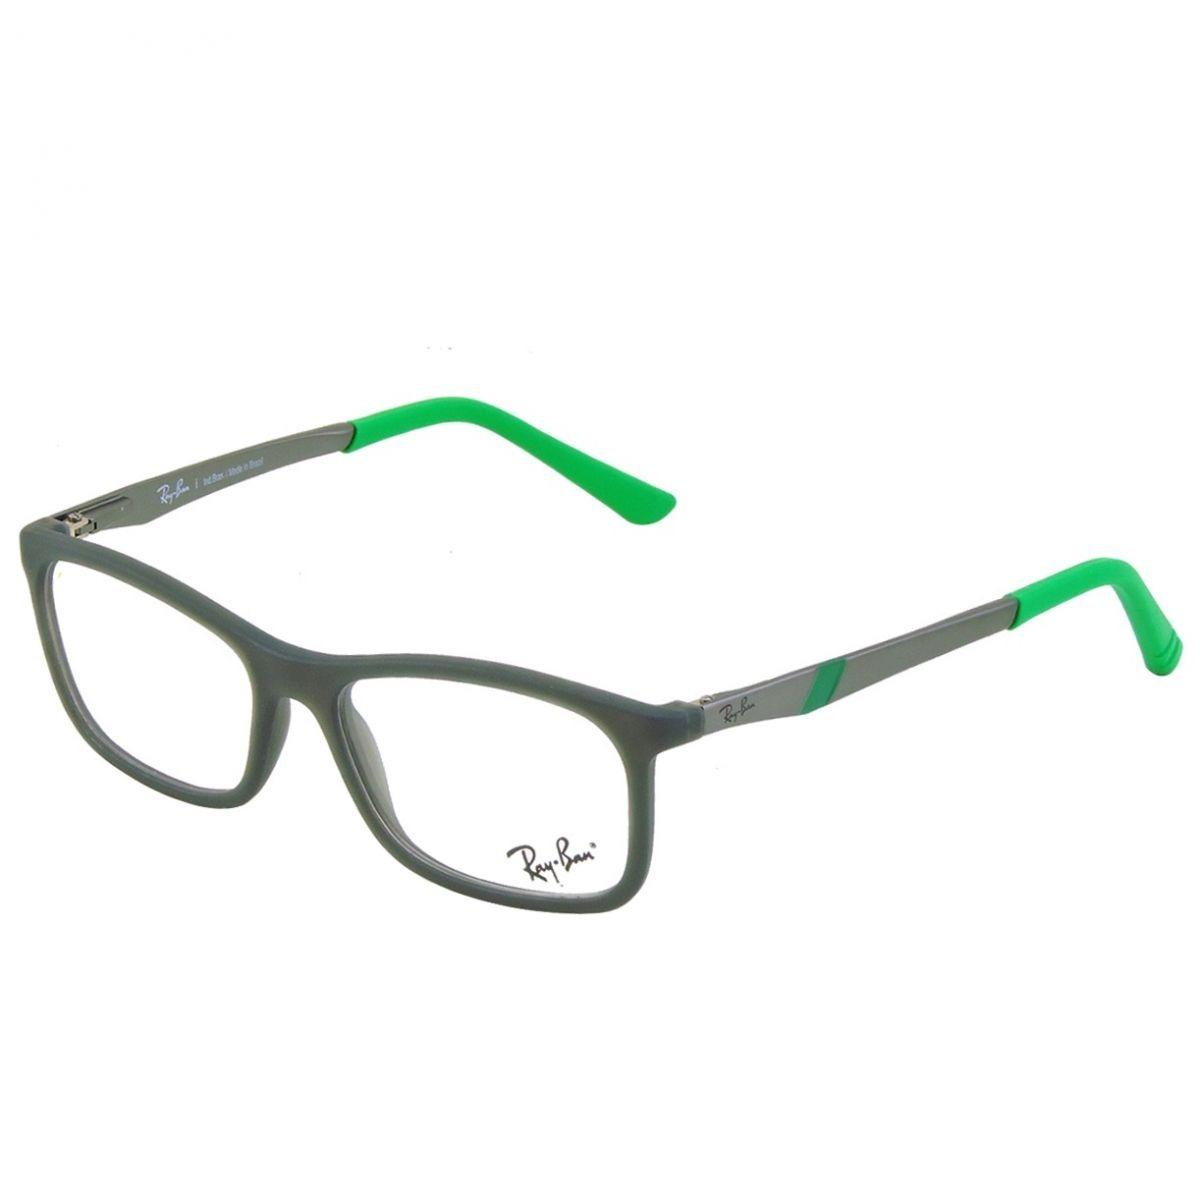 887805c507f90 Armação Óculos De Grau Infantil Ray-ban Rb1538l 3683 - R  279